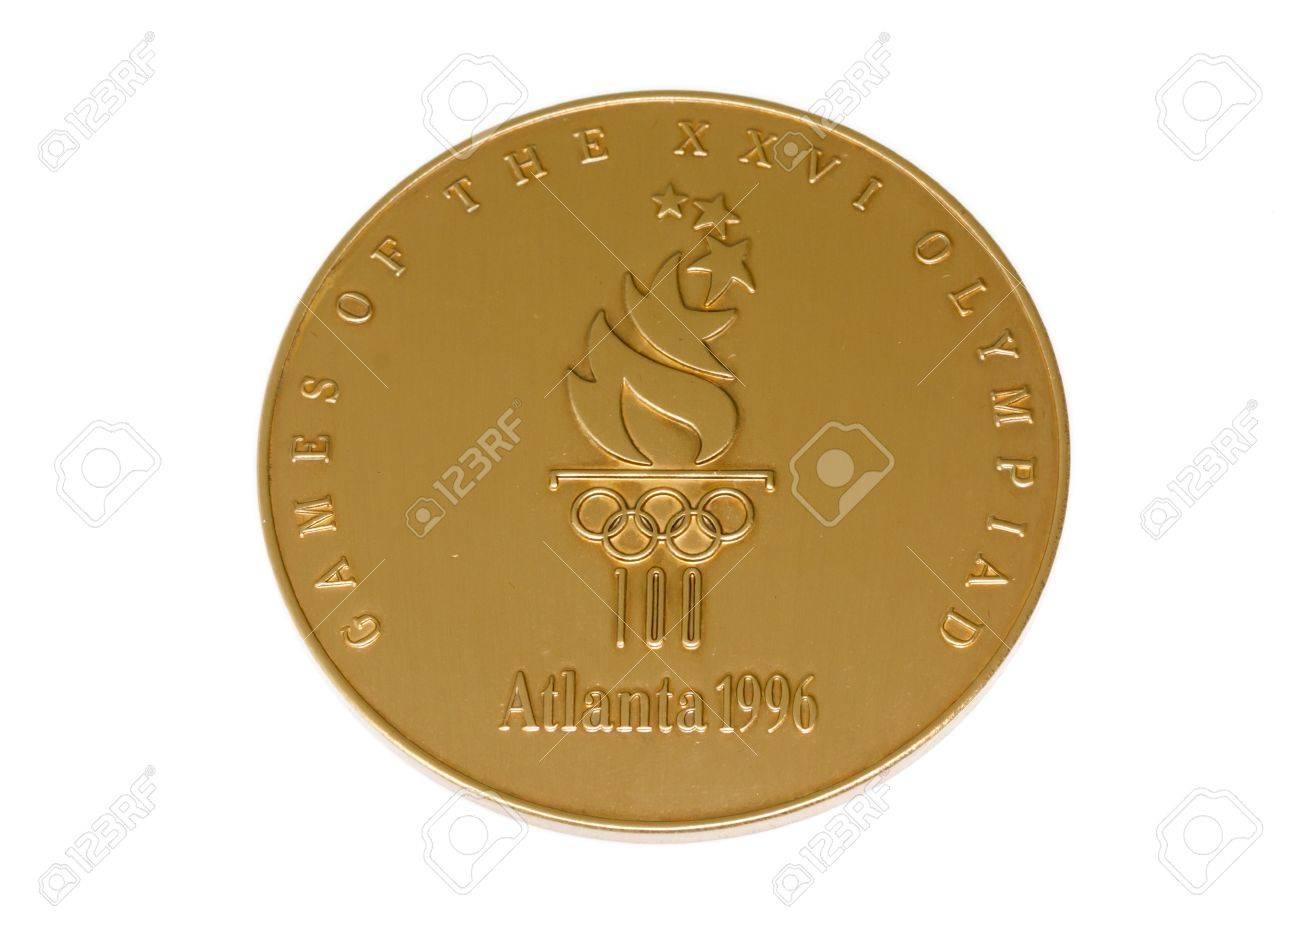 Atlanta 1996 Juegos Olímpicos Participación Medalla De Anverso ...